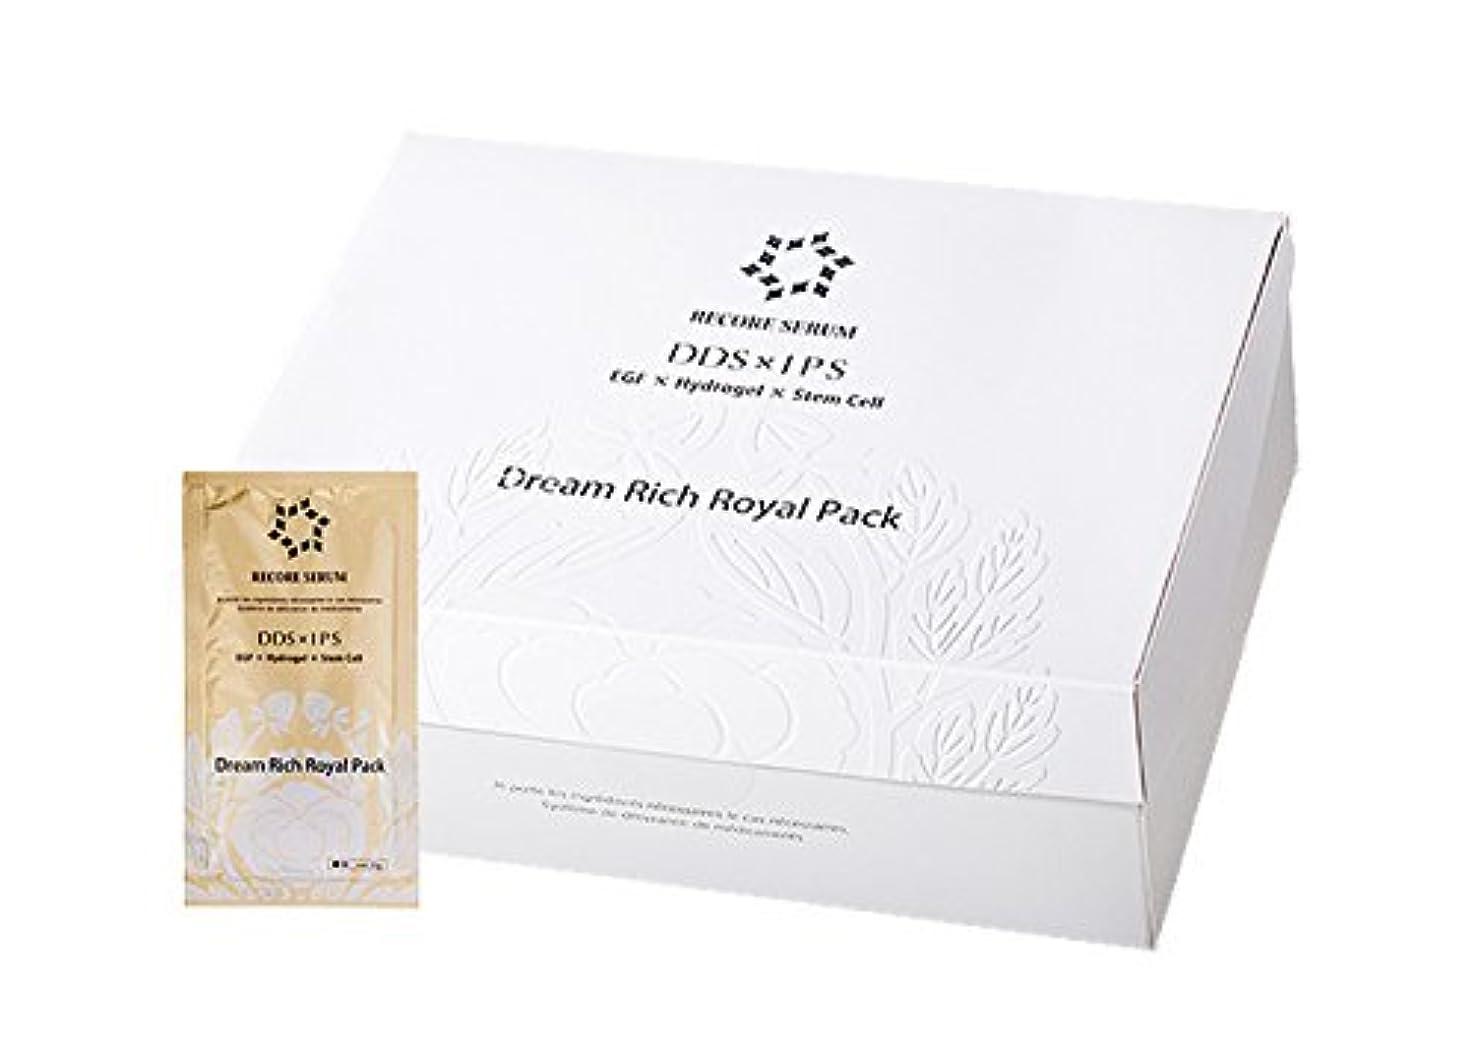 だますワイドメイトリコアセラム ドリーム リッチロイヤル パック 15セット入り 日本製 RECORE SERUM 炭酸パック 正品